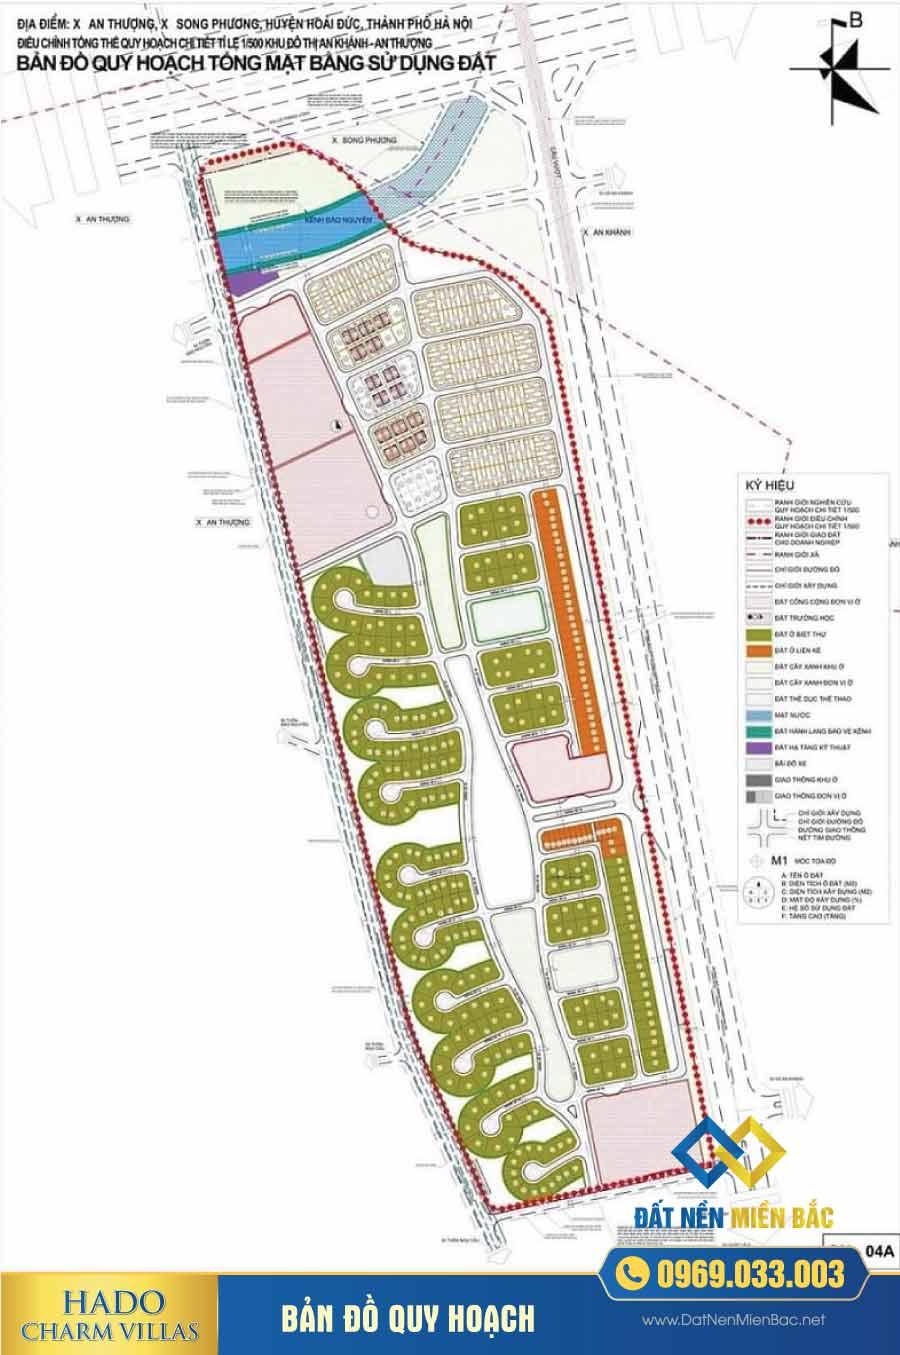 Bản đồ quy hoạch dự án Hà Đô Charm Villas